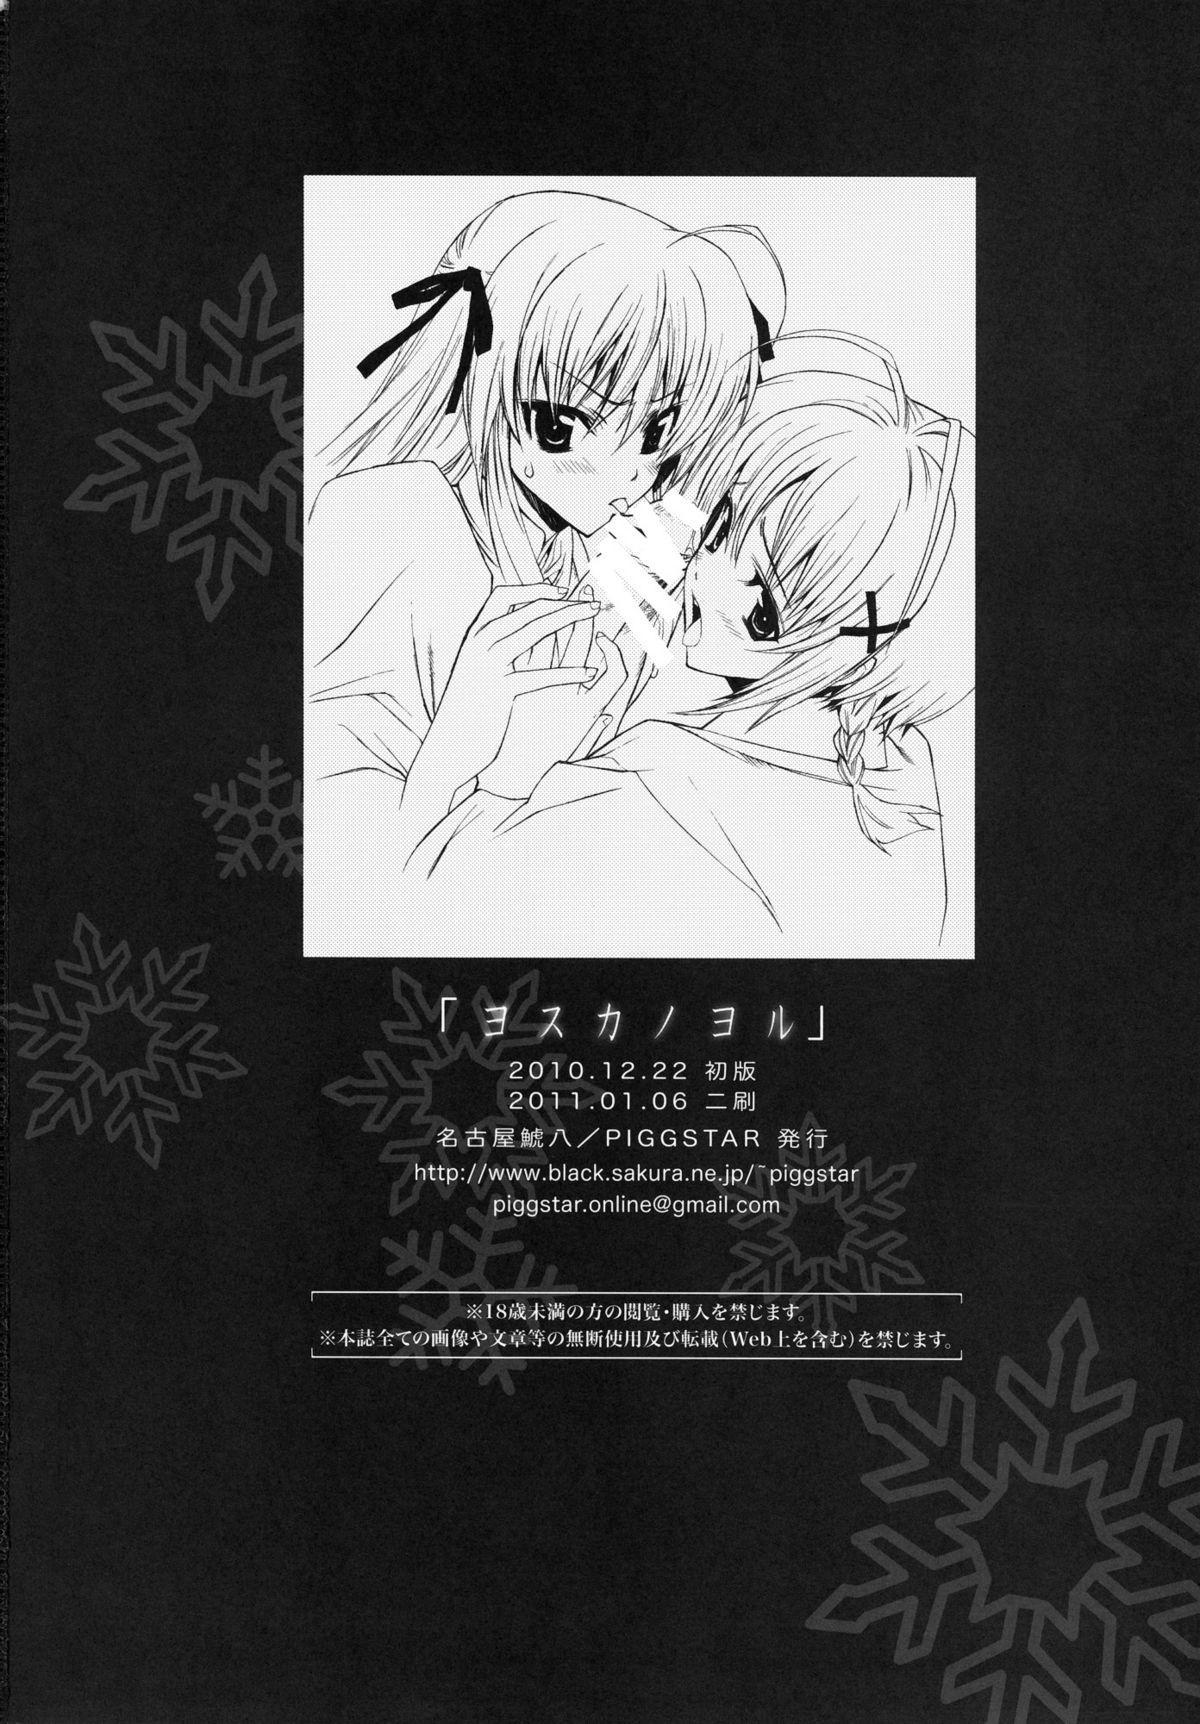 Yosuka no Yoru 24